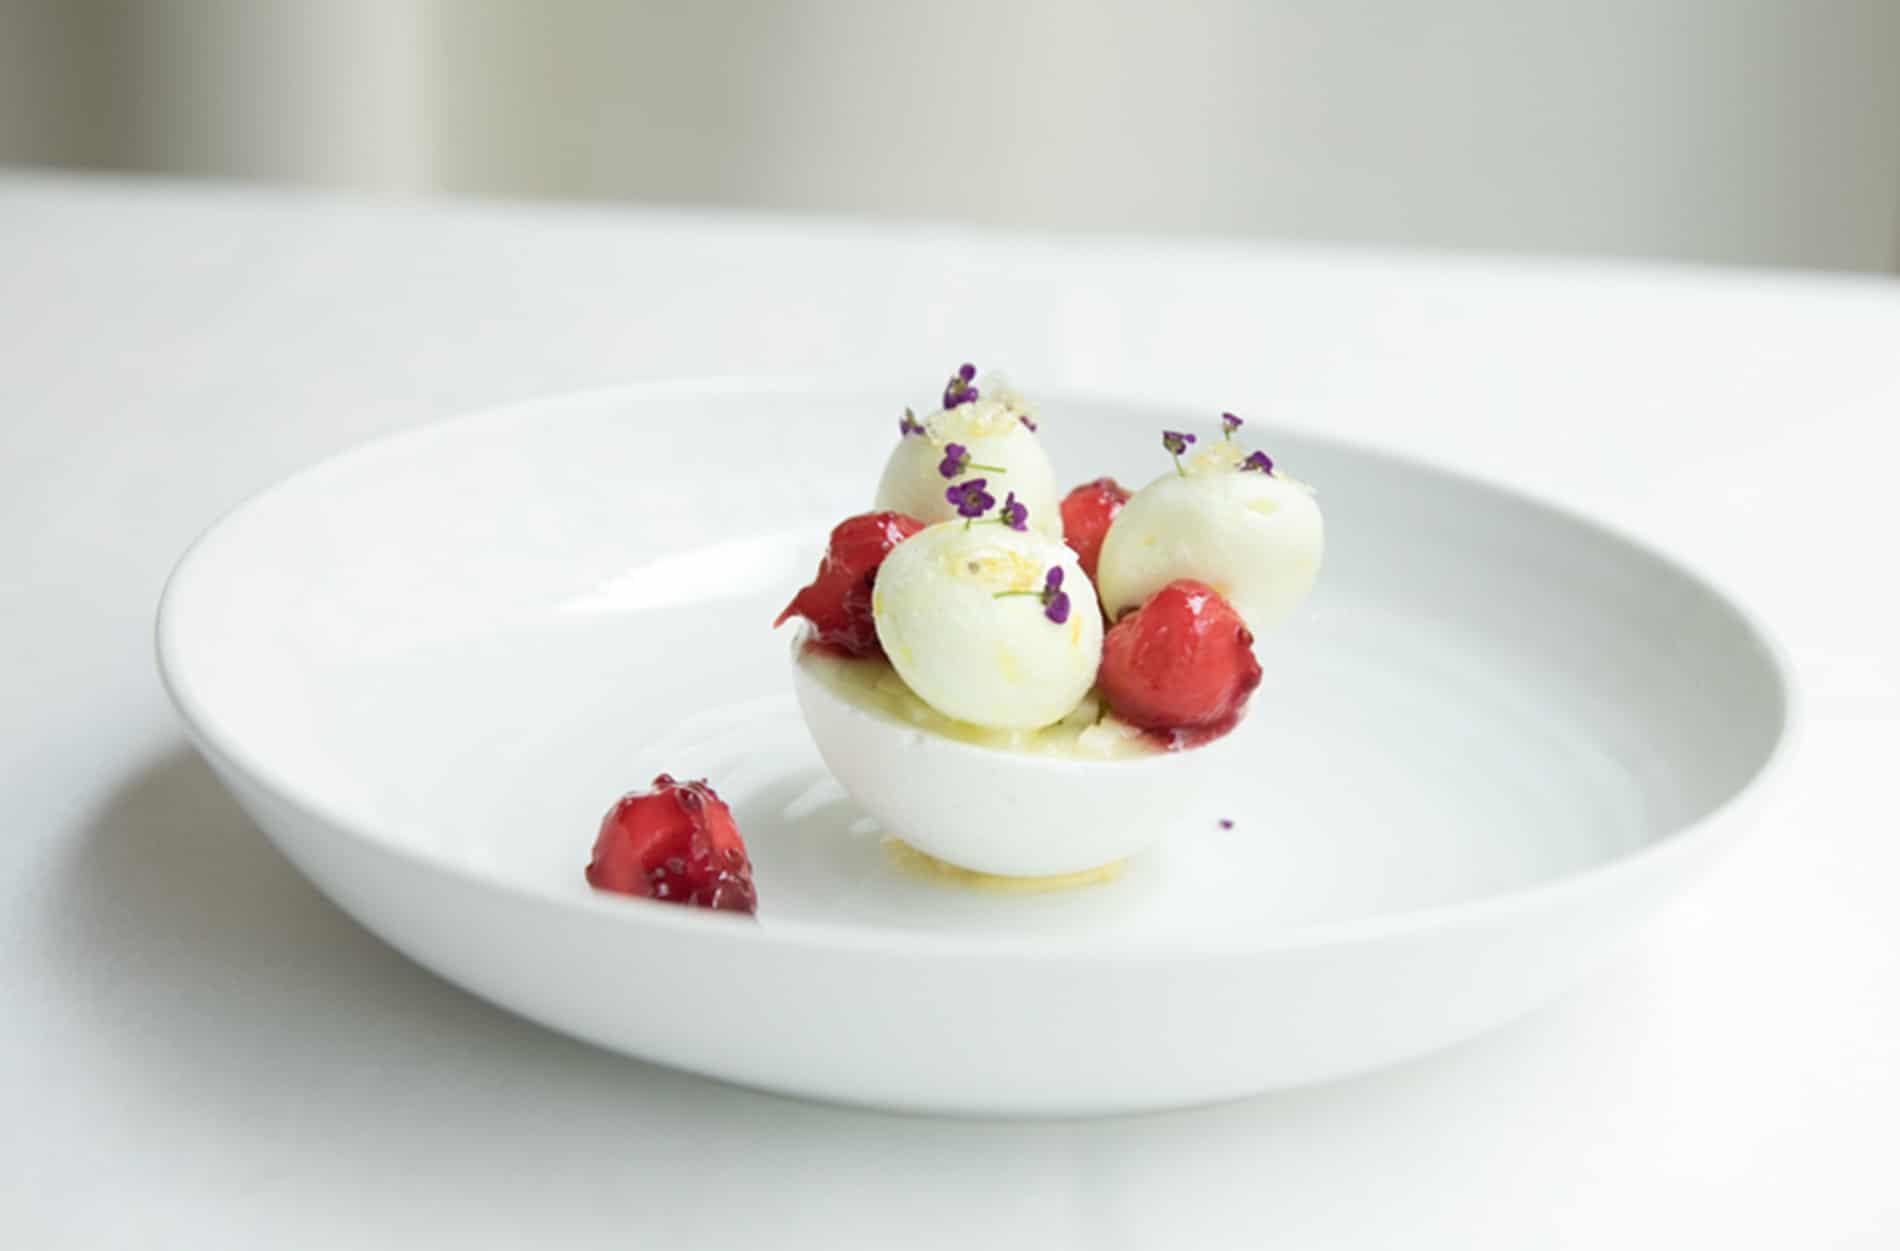 Restaurant Pertinence - Plats : Dessert